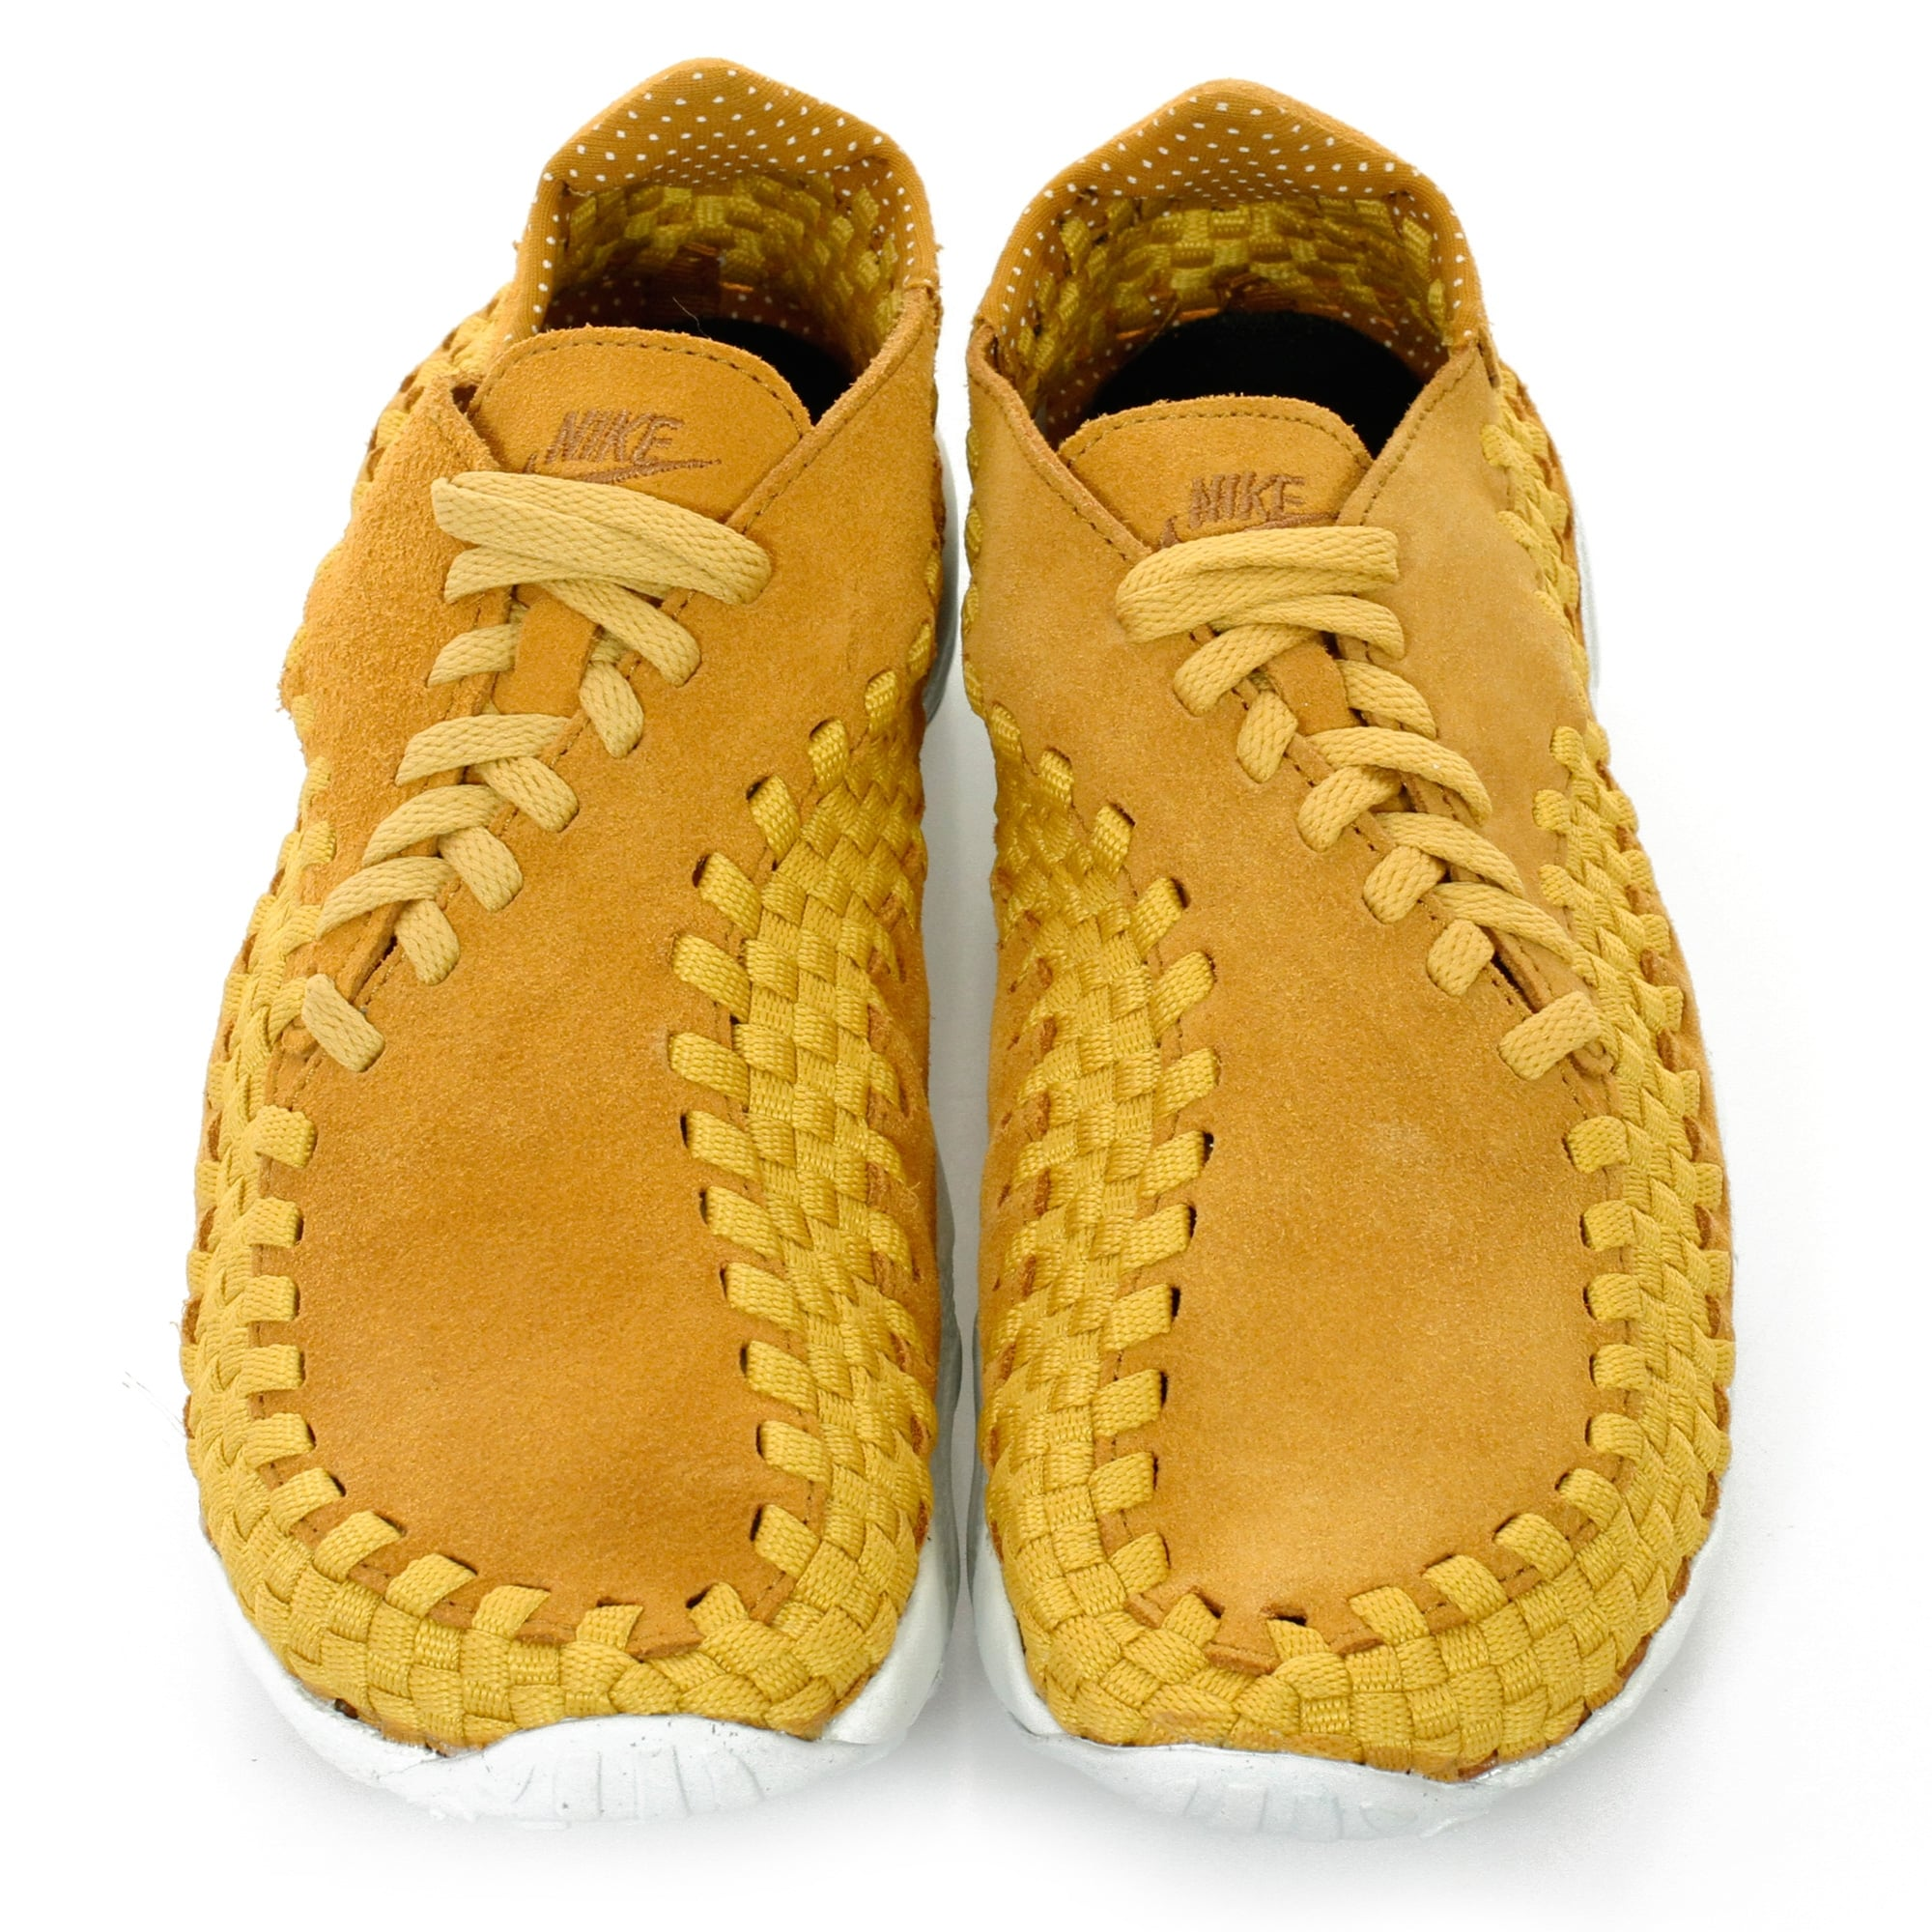 84dc36e6ff06d Nike Air Footscape Woven NM Desert Ochre Shoe 875797 700